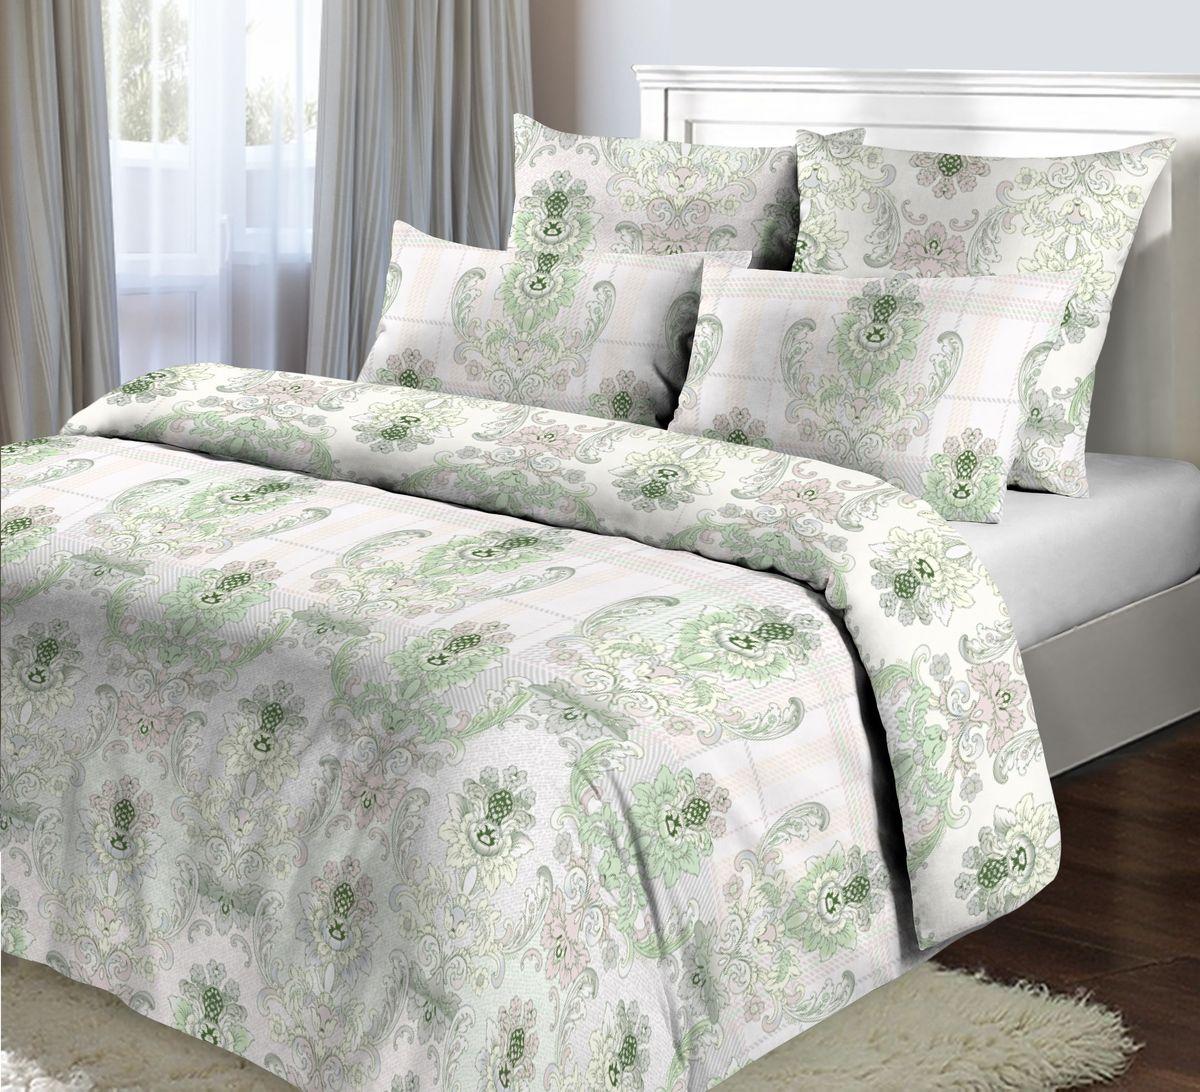 Комплект белья Коллекция Рафаэль-1, 1,5-спальный, наволочки 70х70ОБК-1,5/70 4281.5